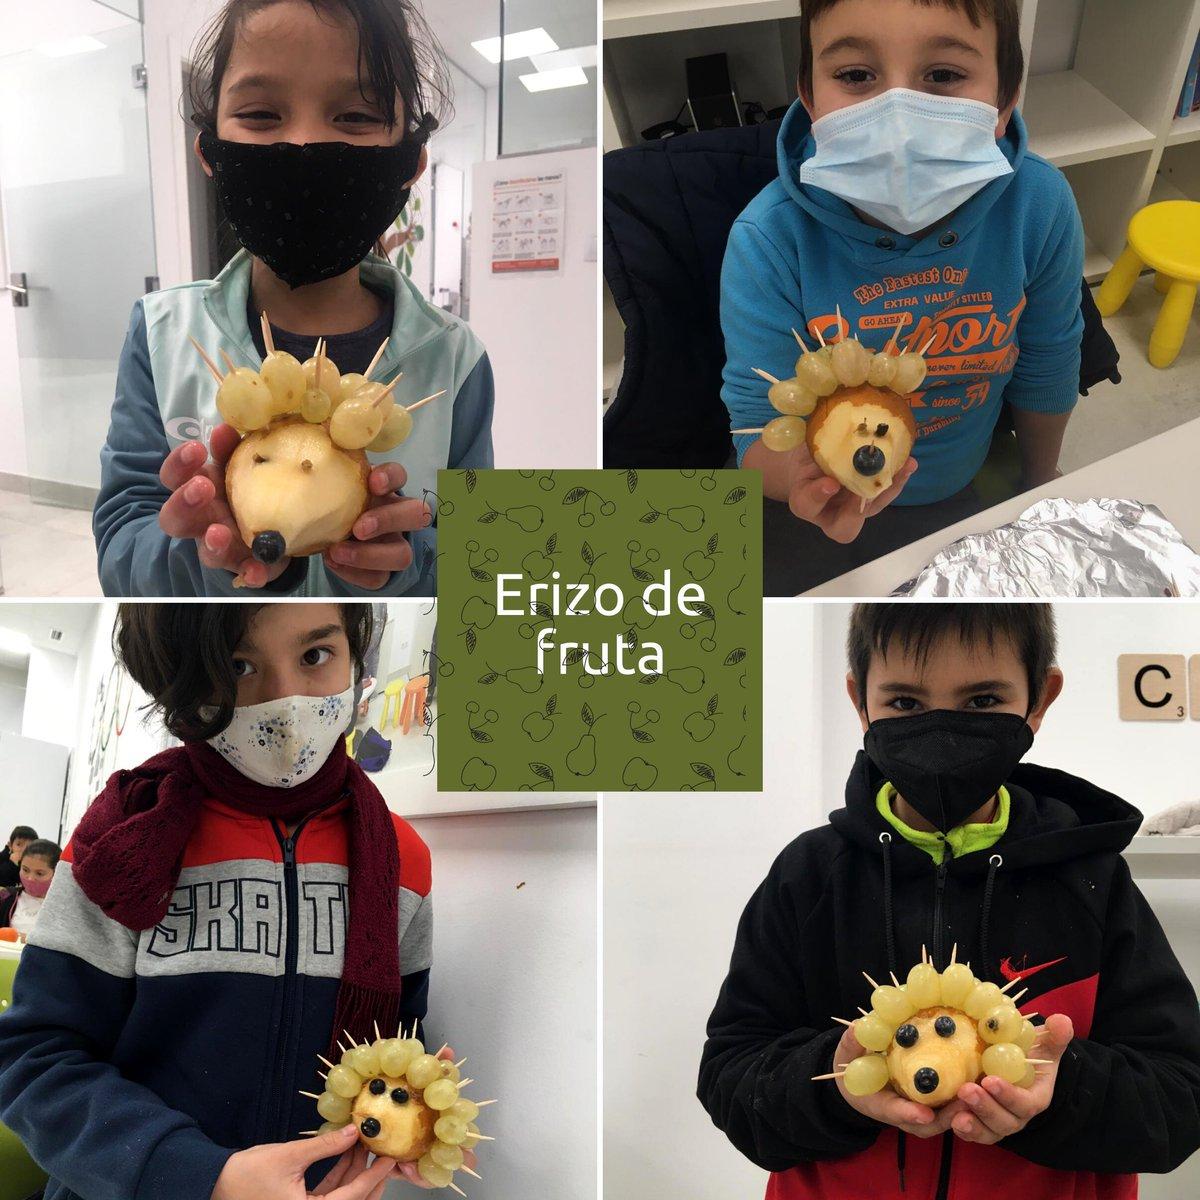 🦔🍎🍇 Erizo de fruta: divertido, ¡y sano!  La fruta es el ingrediente protagonista en esta actividad de postres saludables, para promocionar su consumo a través de platos creativos y divertidos.  ¡A los niños y niñas del Centro #FundaciónRafaNadal de #Valencia les ha encantado!